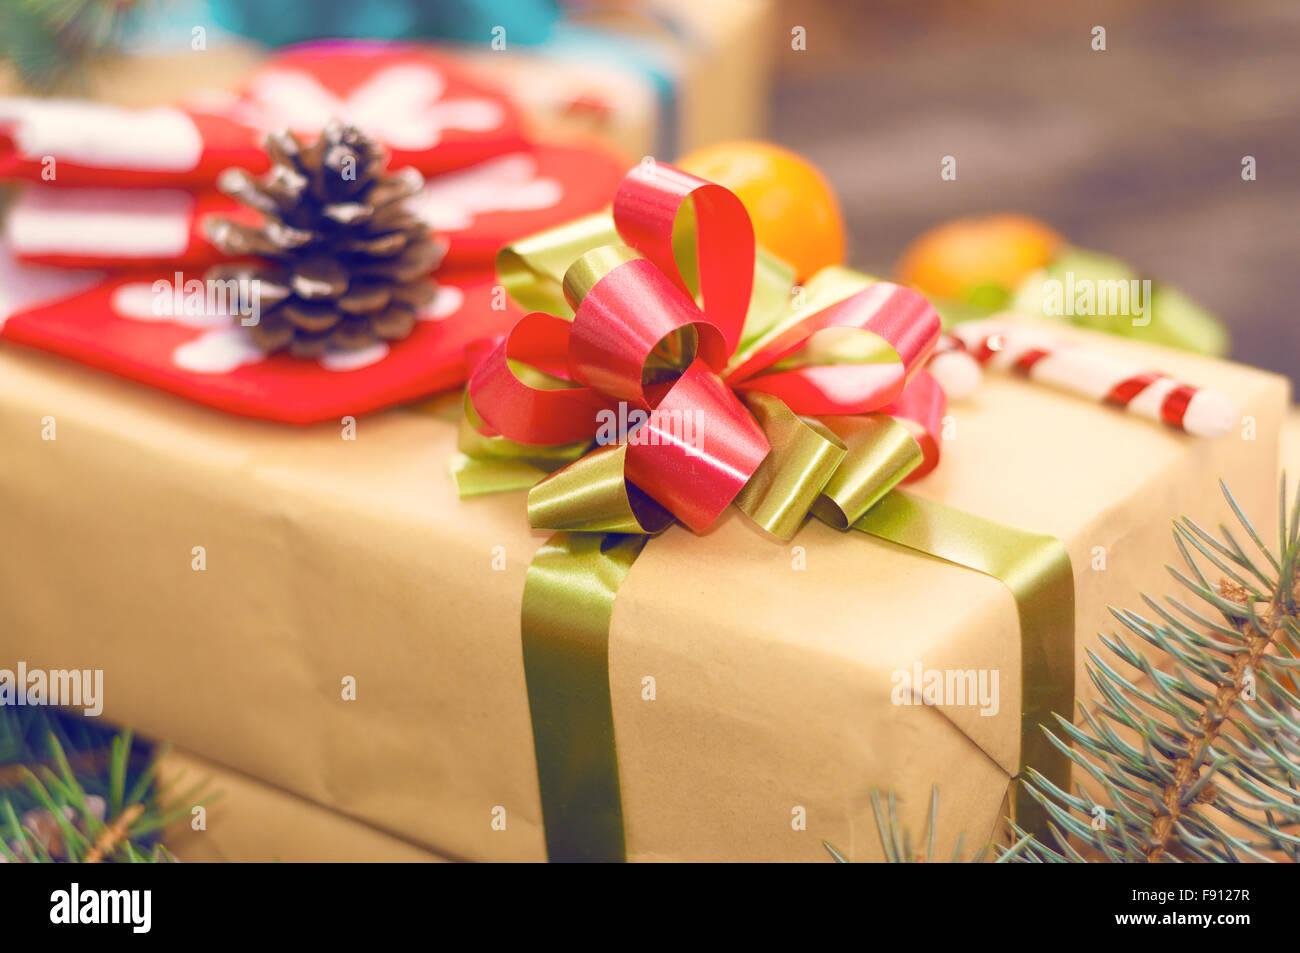 Vintage fondos de Navidad Imagen De Stock